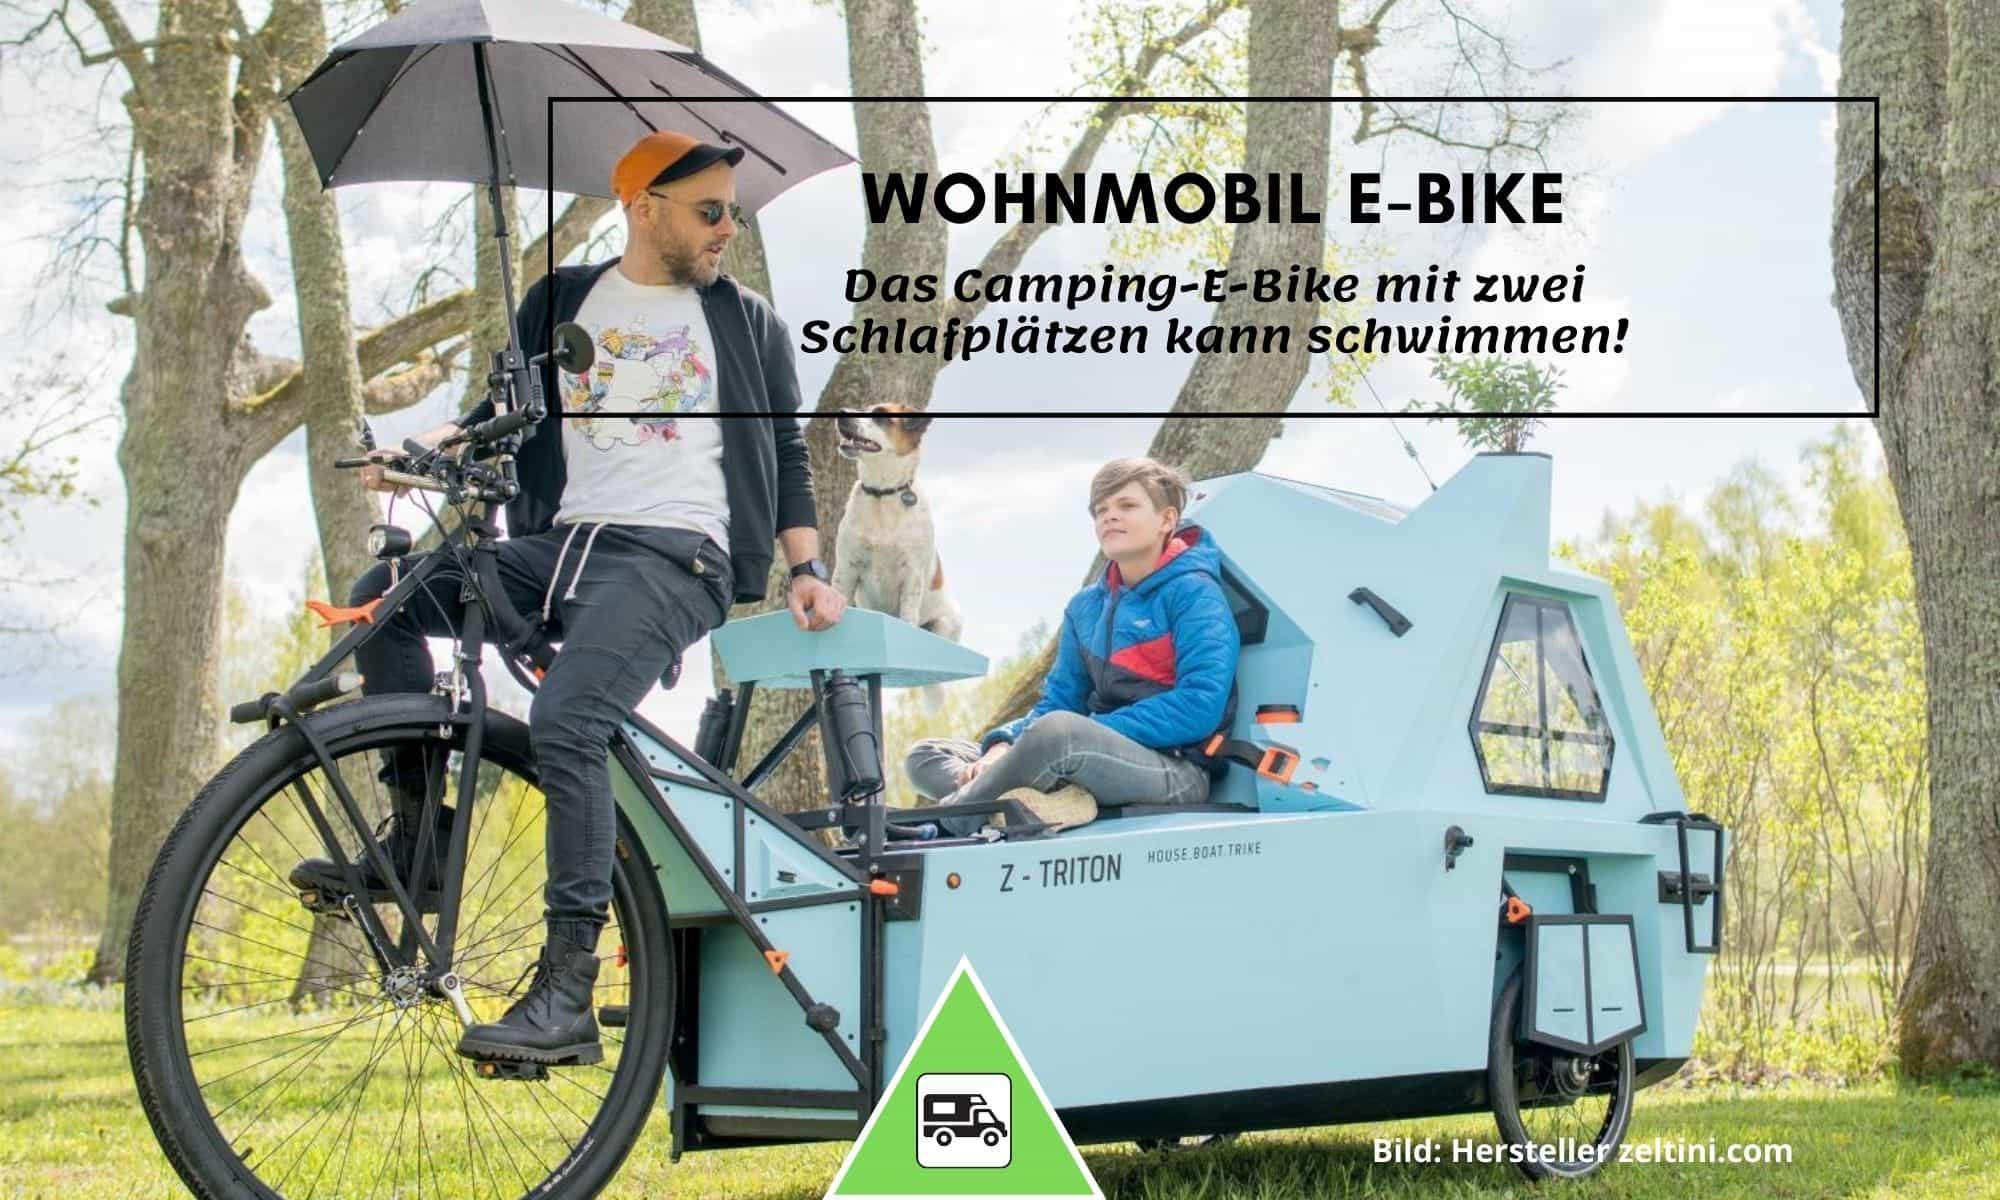 Z-Triton Wohnmobil E-Bike